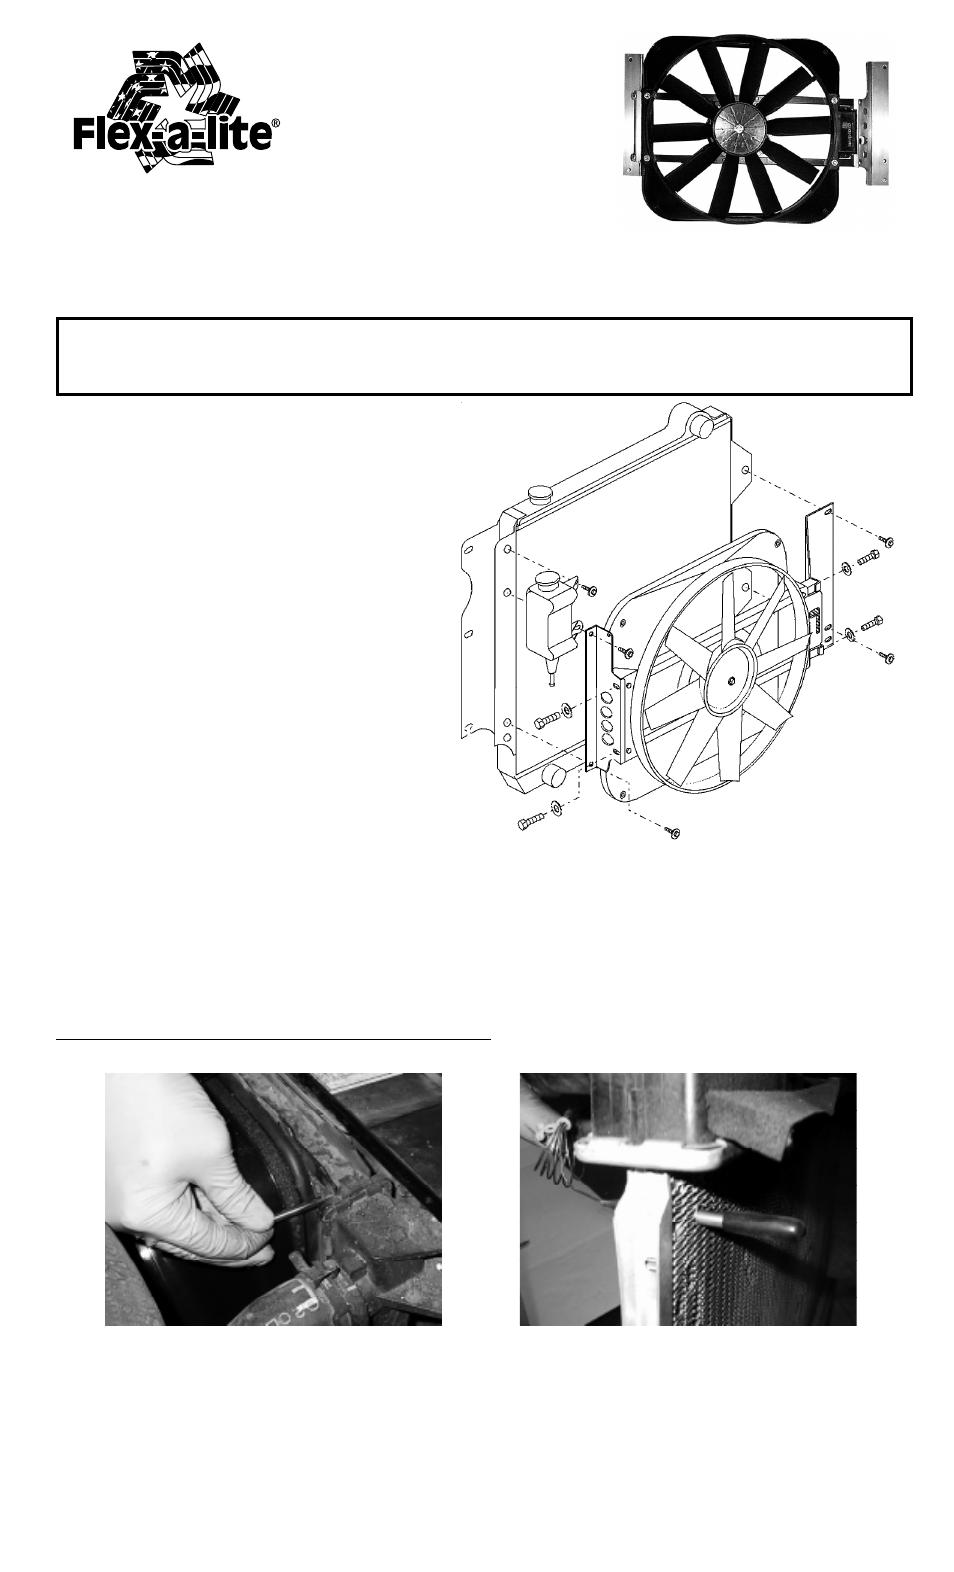 flex a lite 475 jeep wrangler fan ii nylon shroud user manual 2